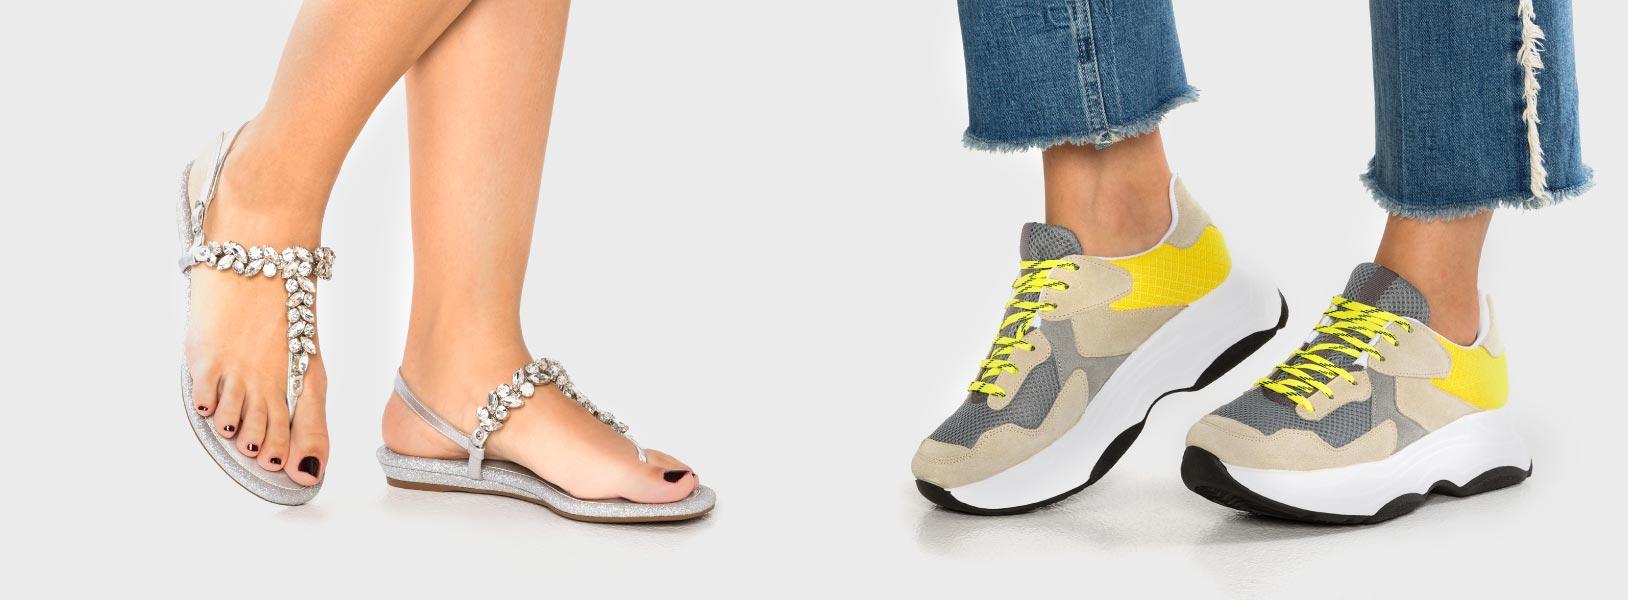 Tendenze scarpe primavera estate 2018 983e7840771